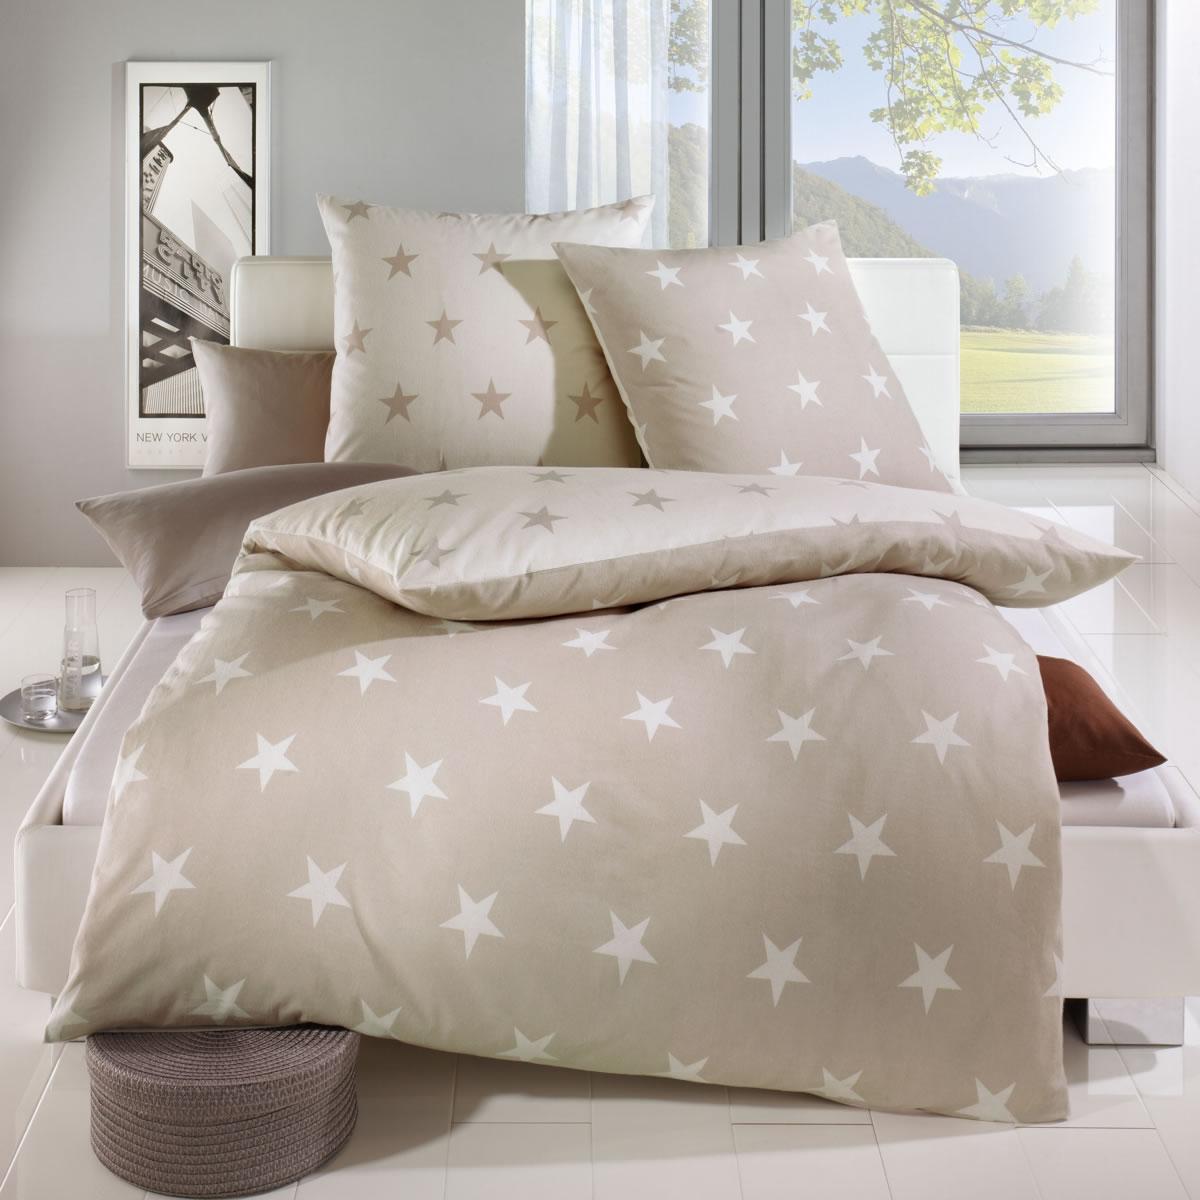 Kaeppel Biber Wende Bettwäsche Design Stars Natur 32746 Sterne